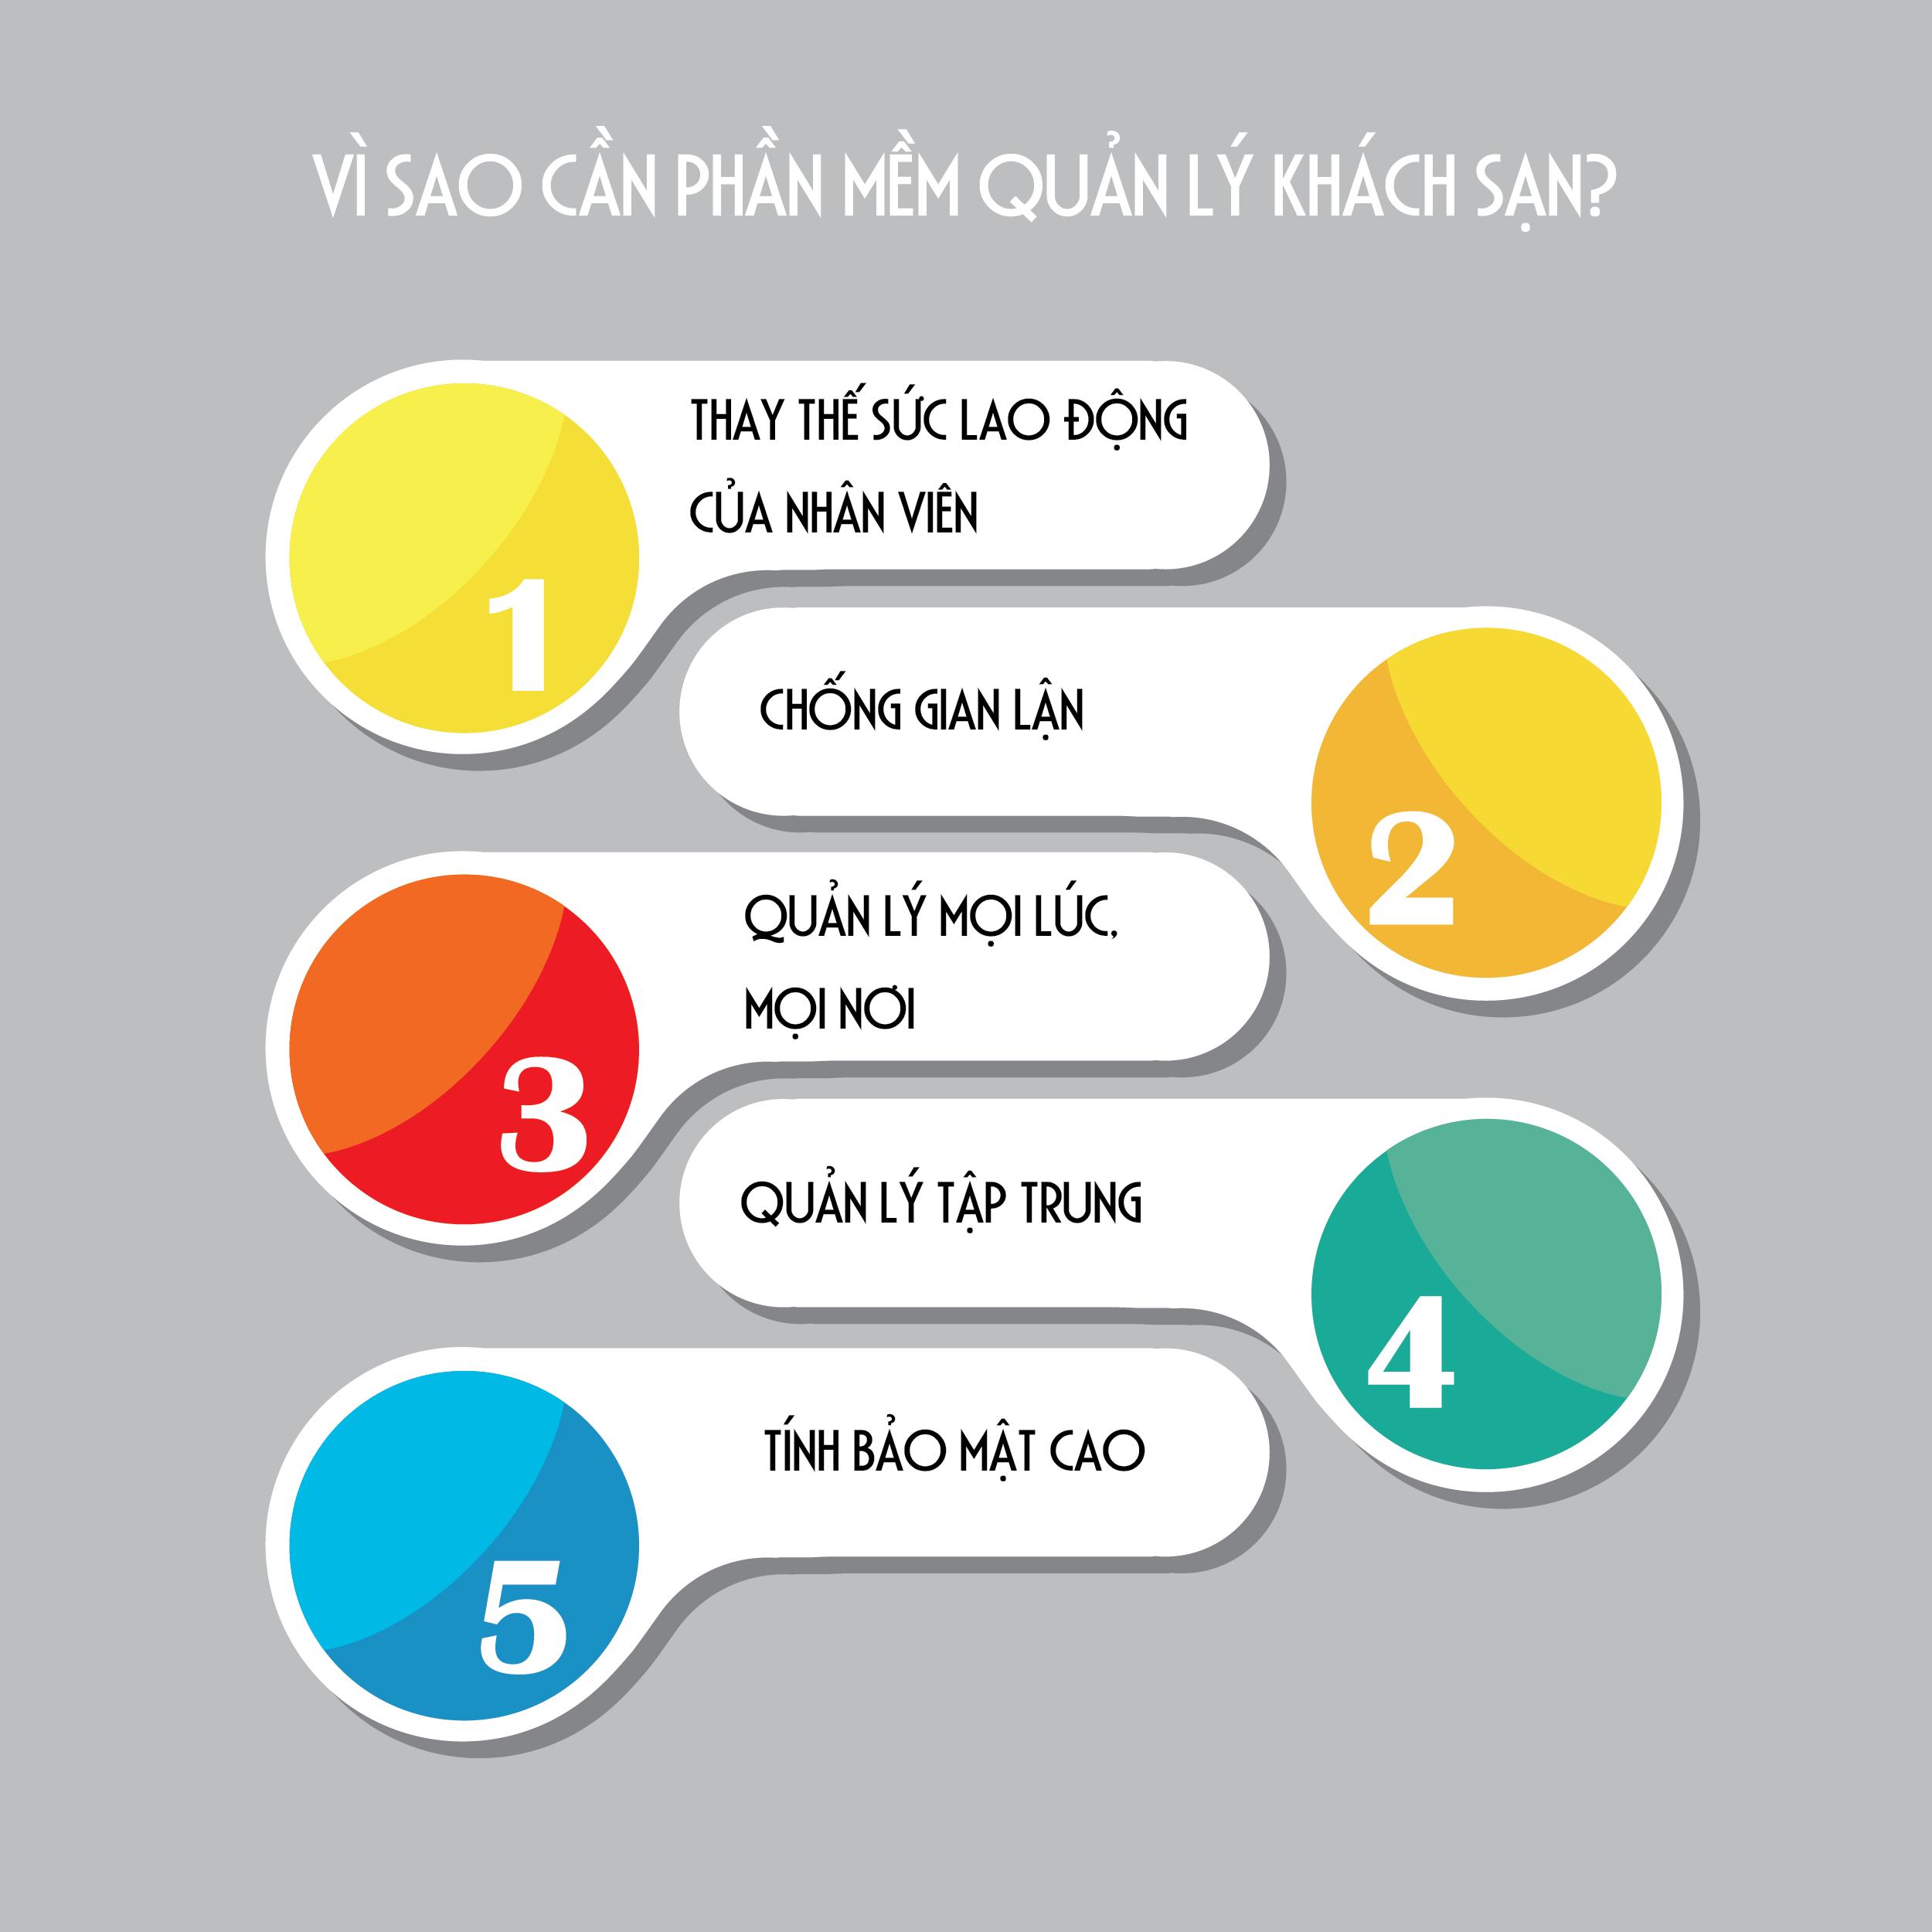 vi-sao-can-phan-mem-quan-ly-khach-san